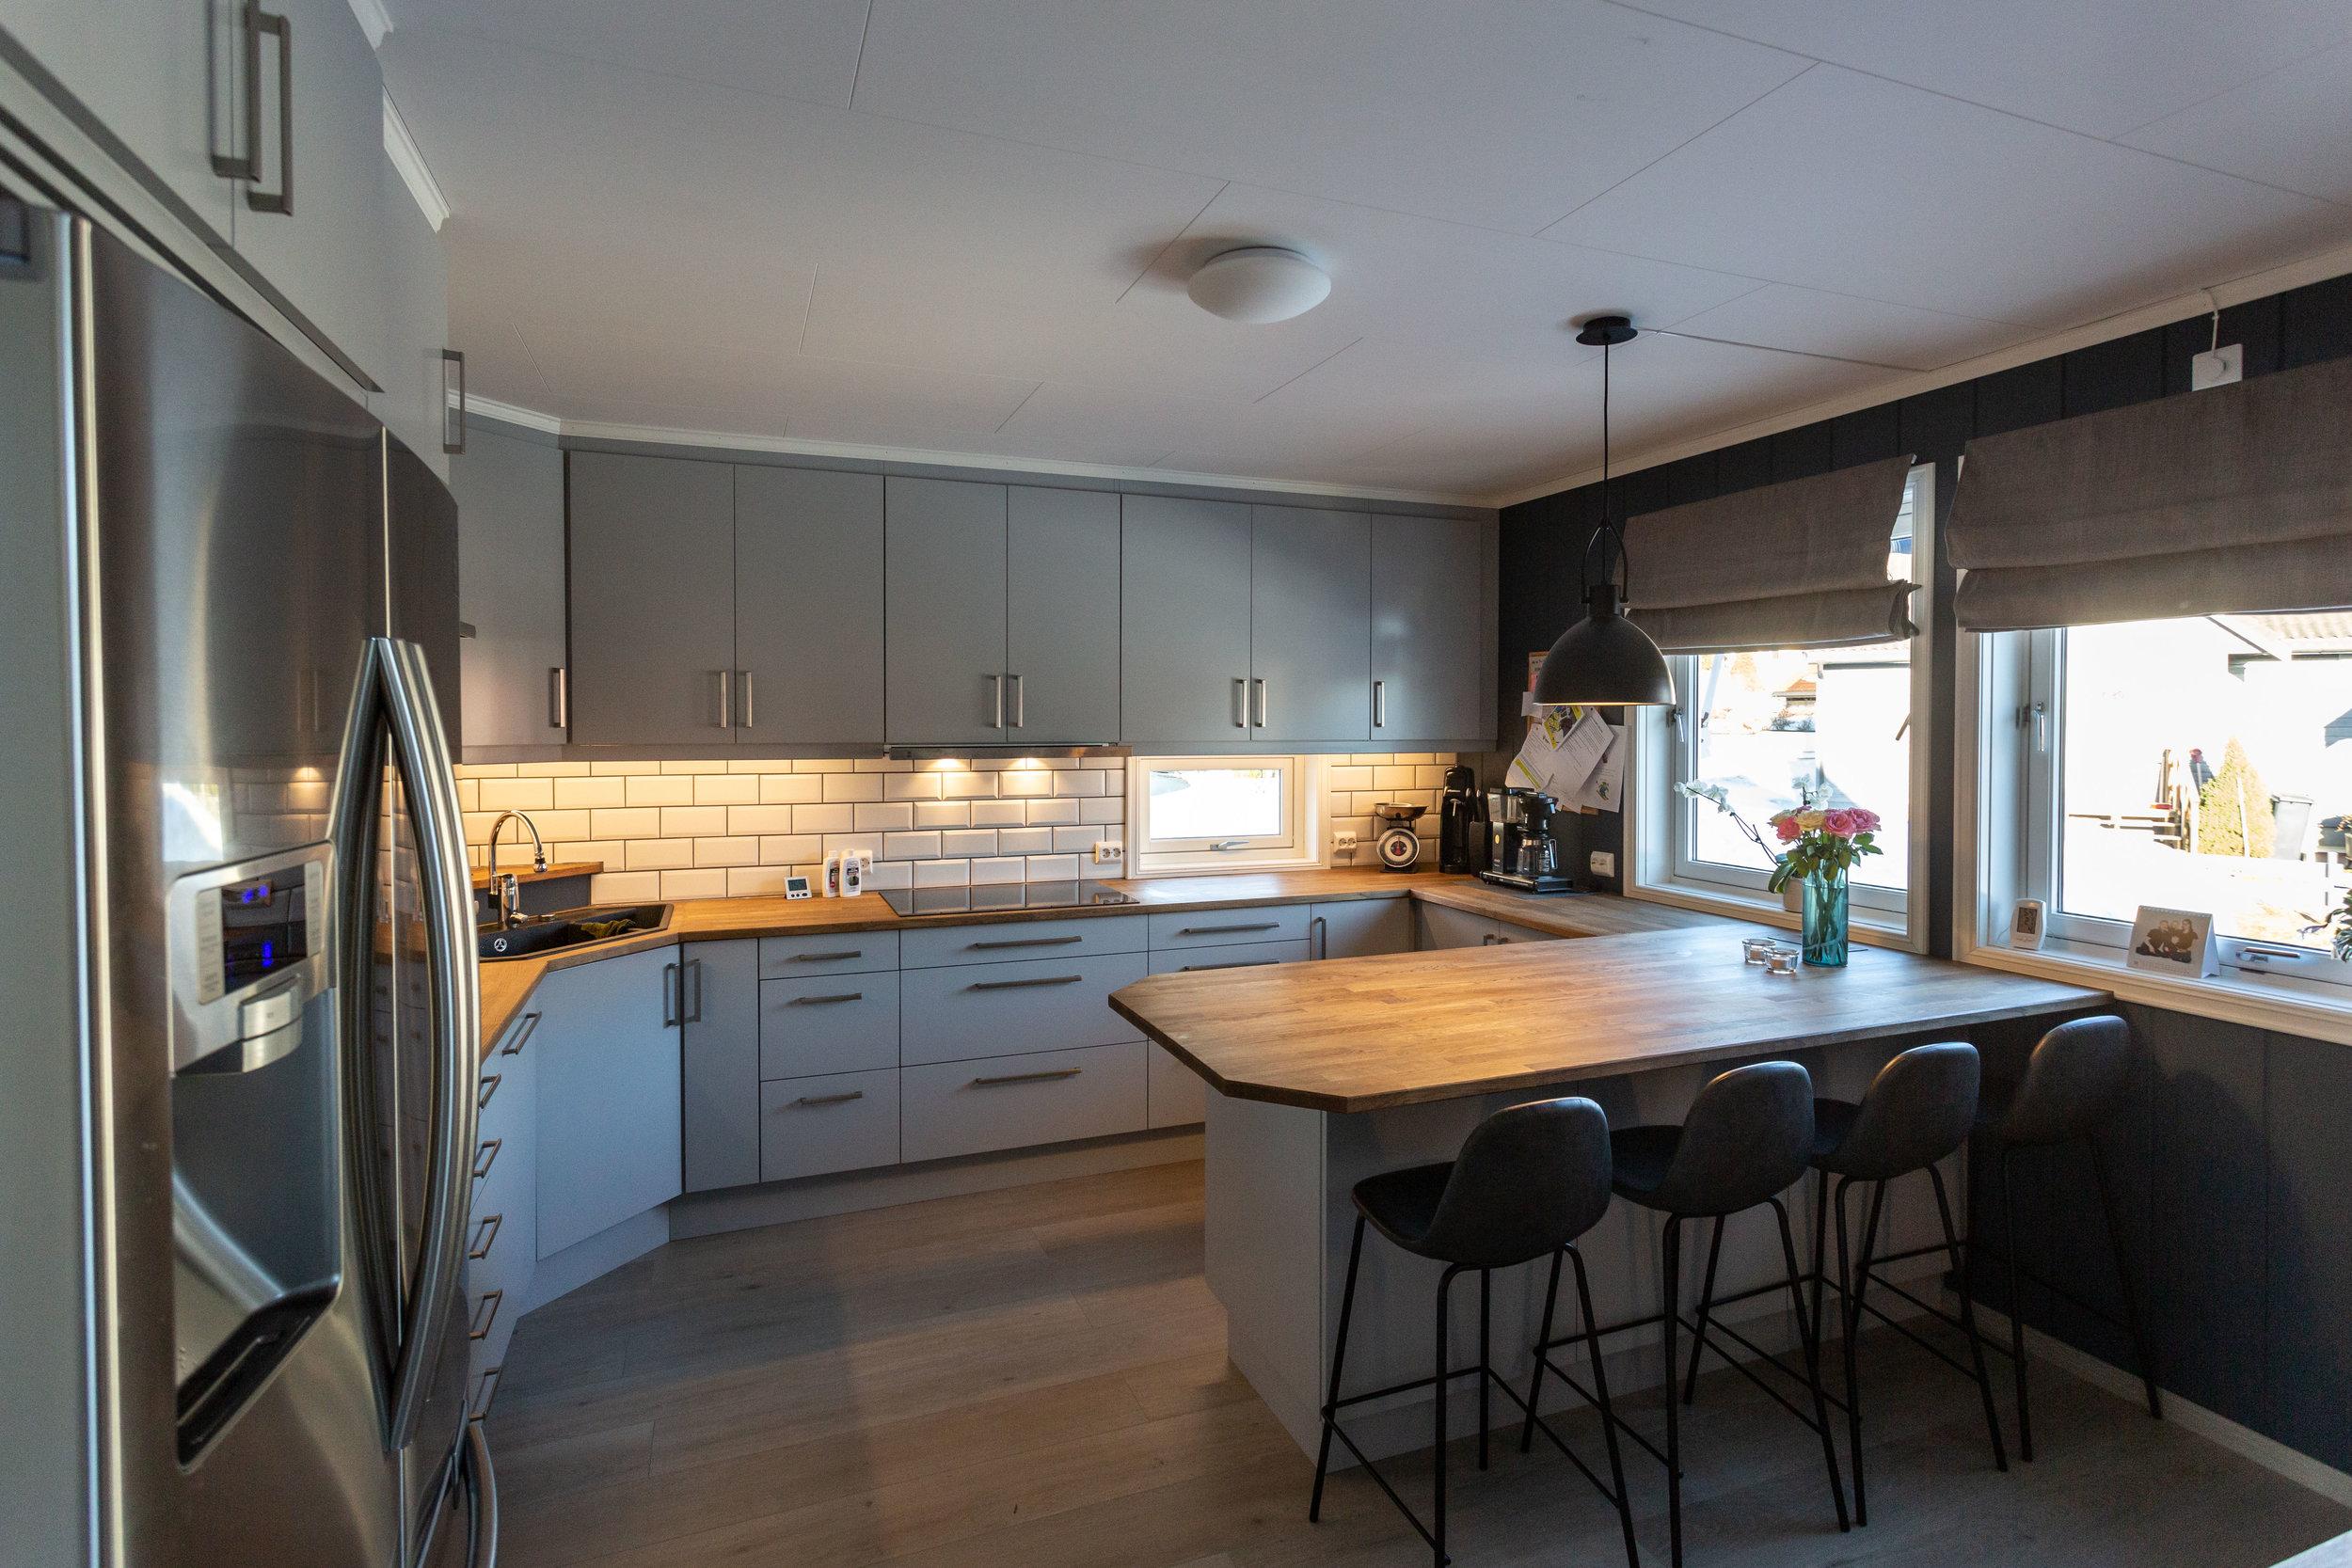 Kjøkken Furulia - 1 - Foto Øyvind S Endal.jpg